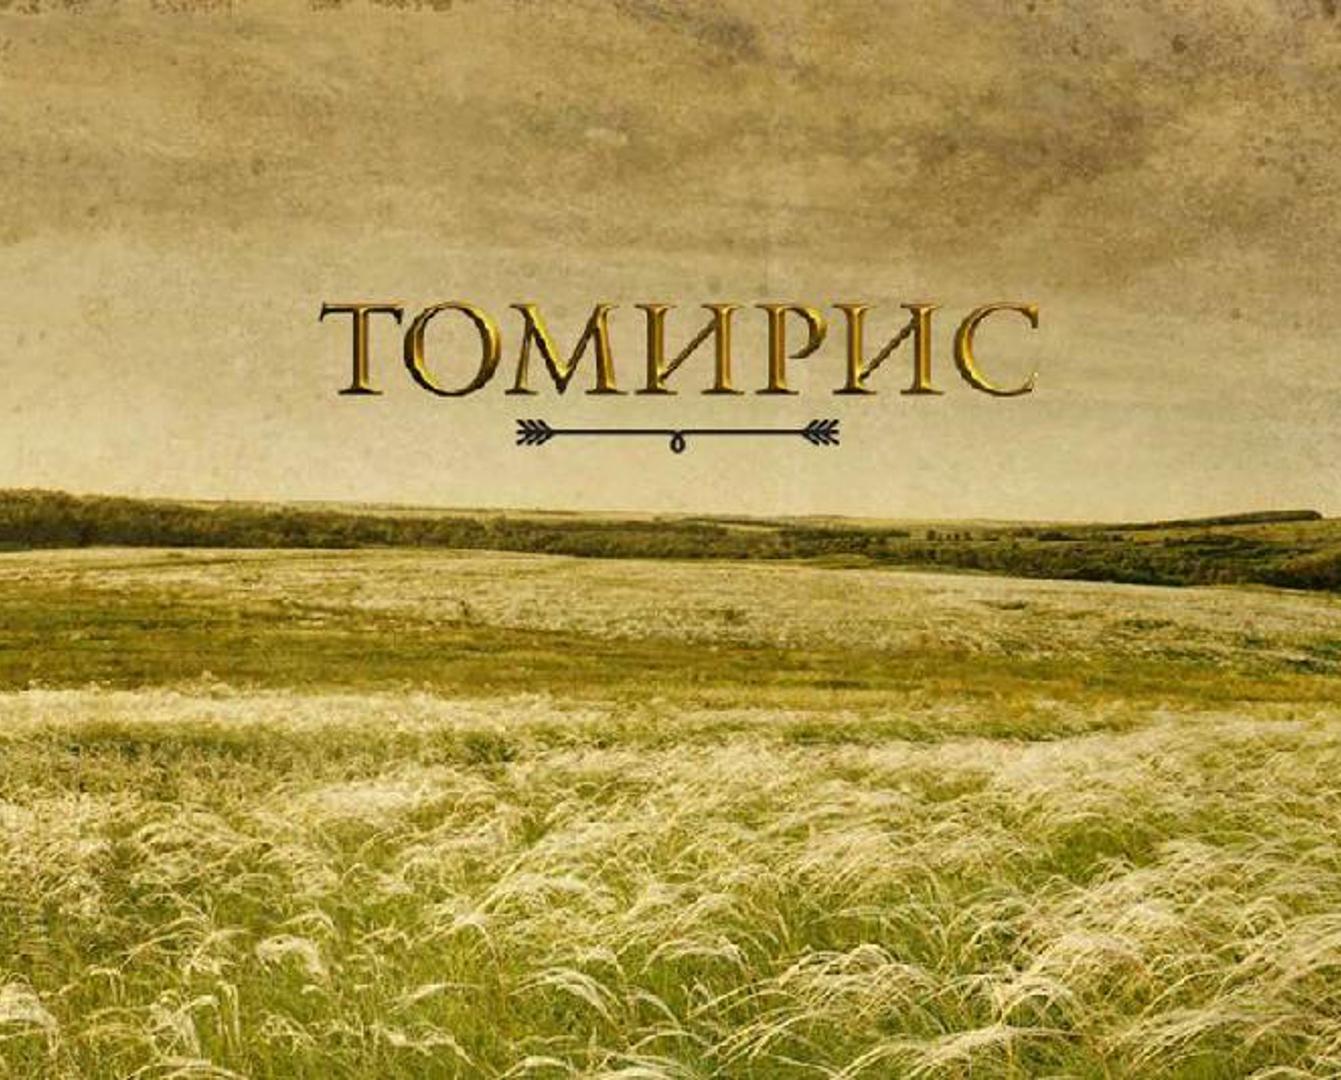 В Казахстане приступили к съемкам фильма о царице Томирис